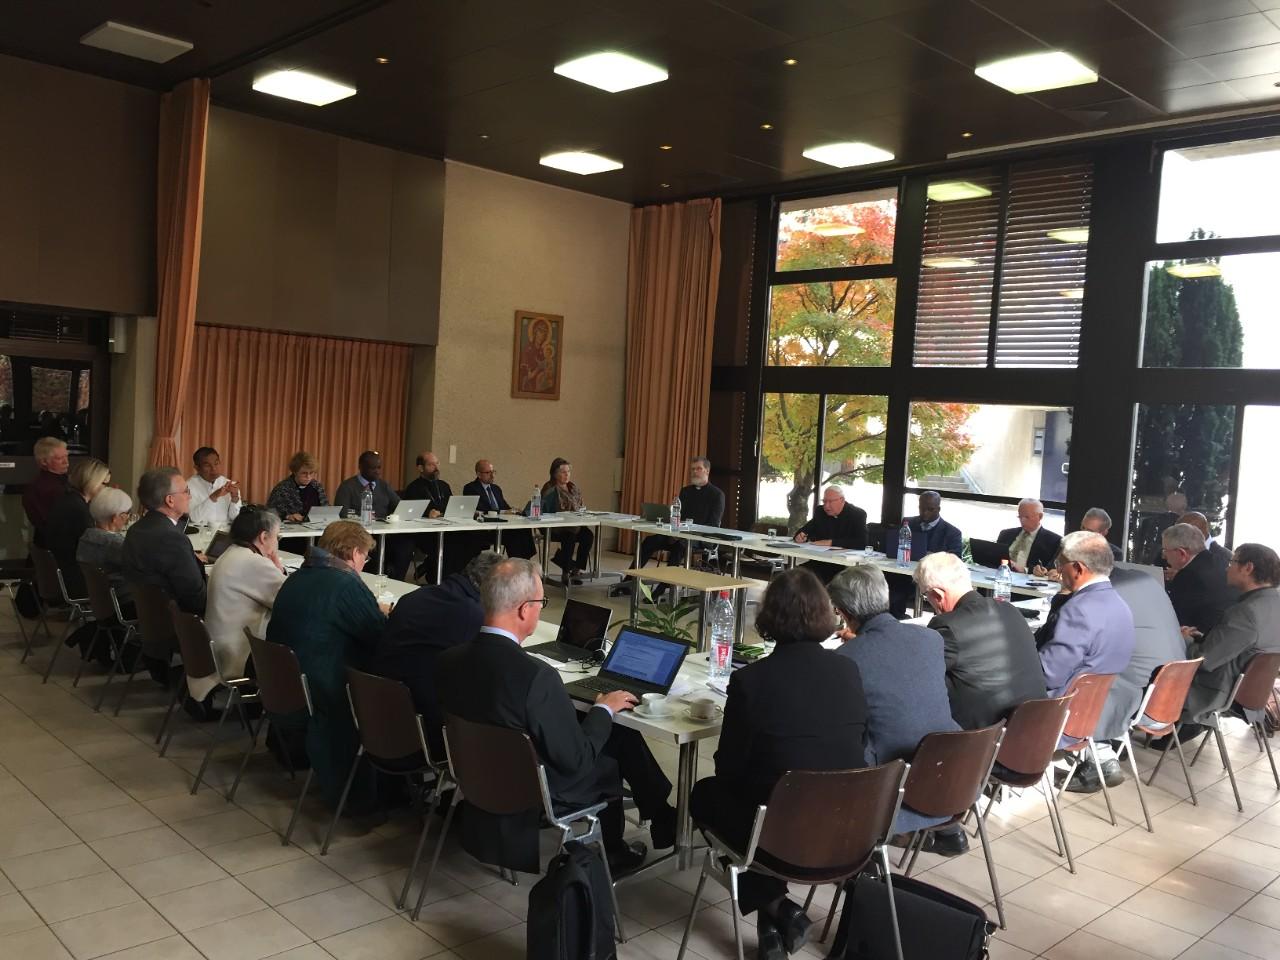 Berne: Rencontre chrétienne à l'occasion du Jeûne fédéral le 14 septembre